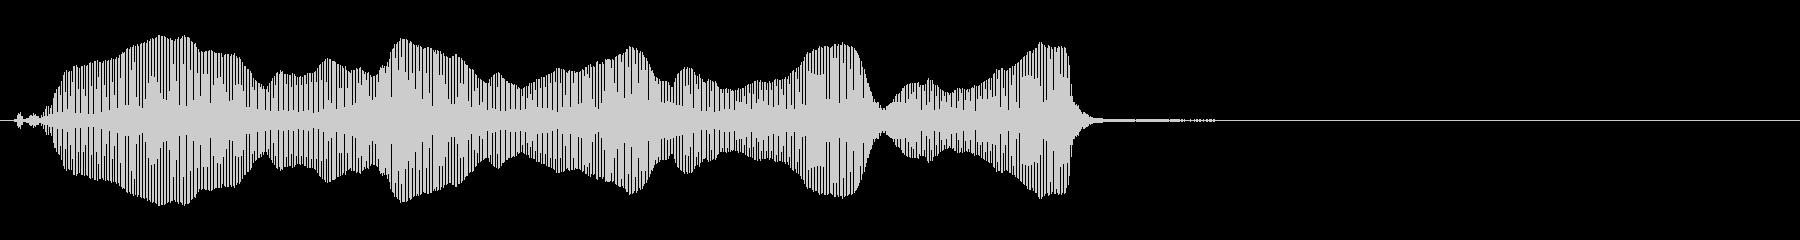 トロンボーン:めまいがする、高速、...の未再生の波形